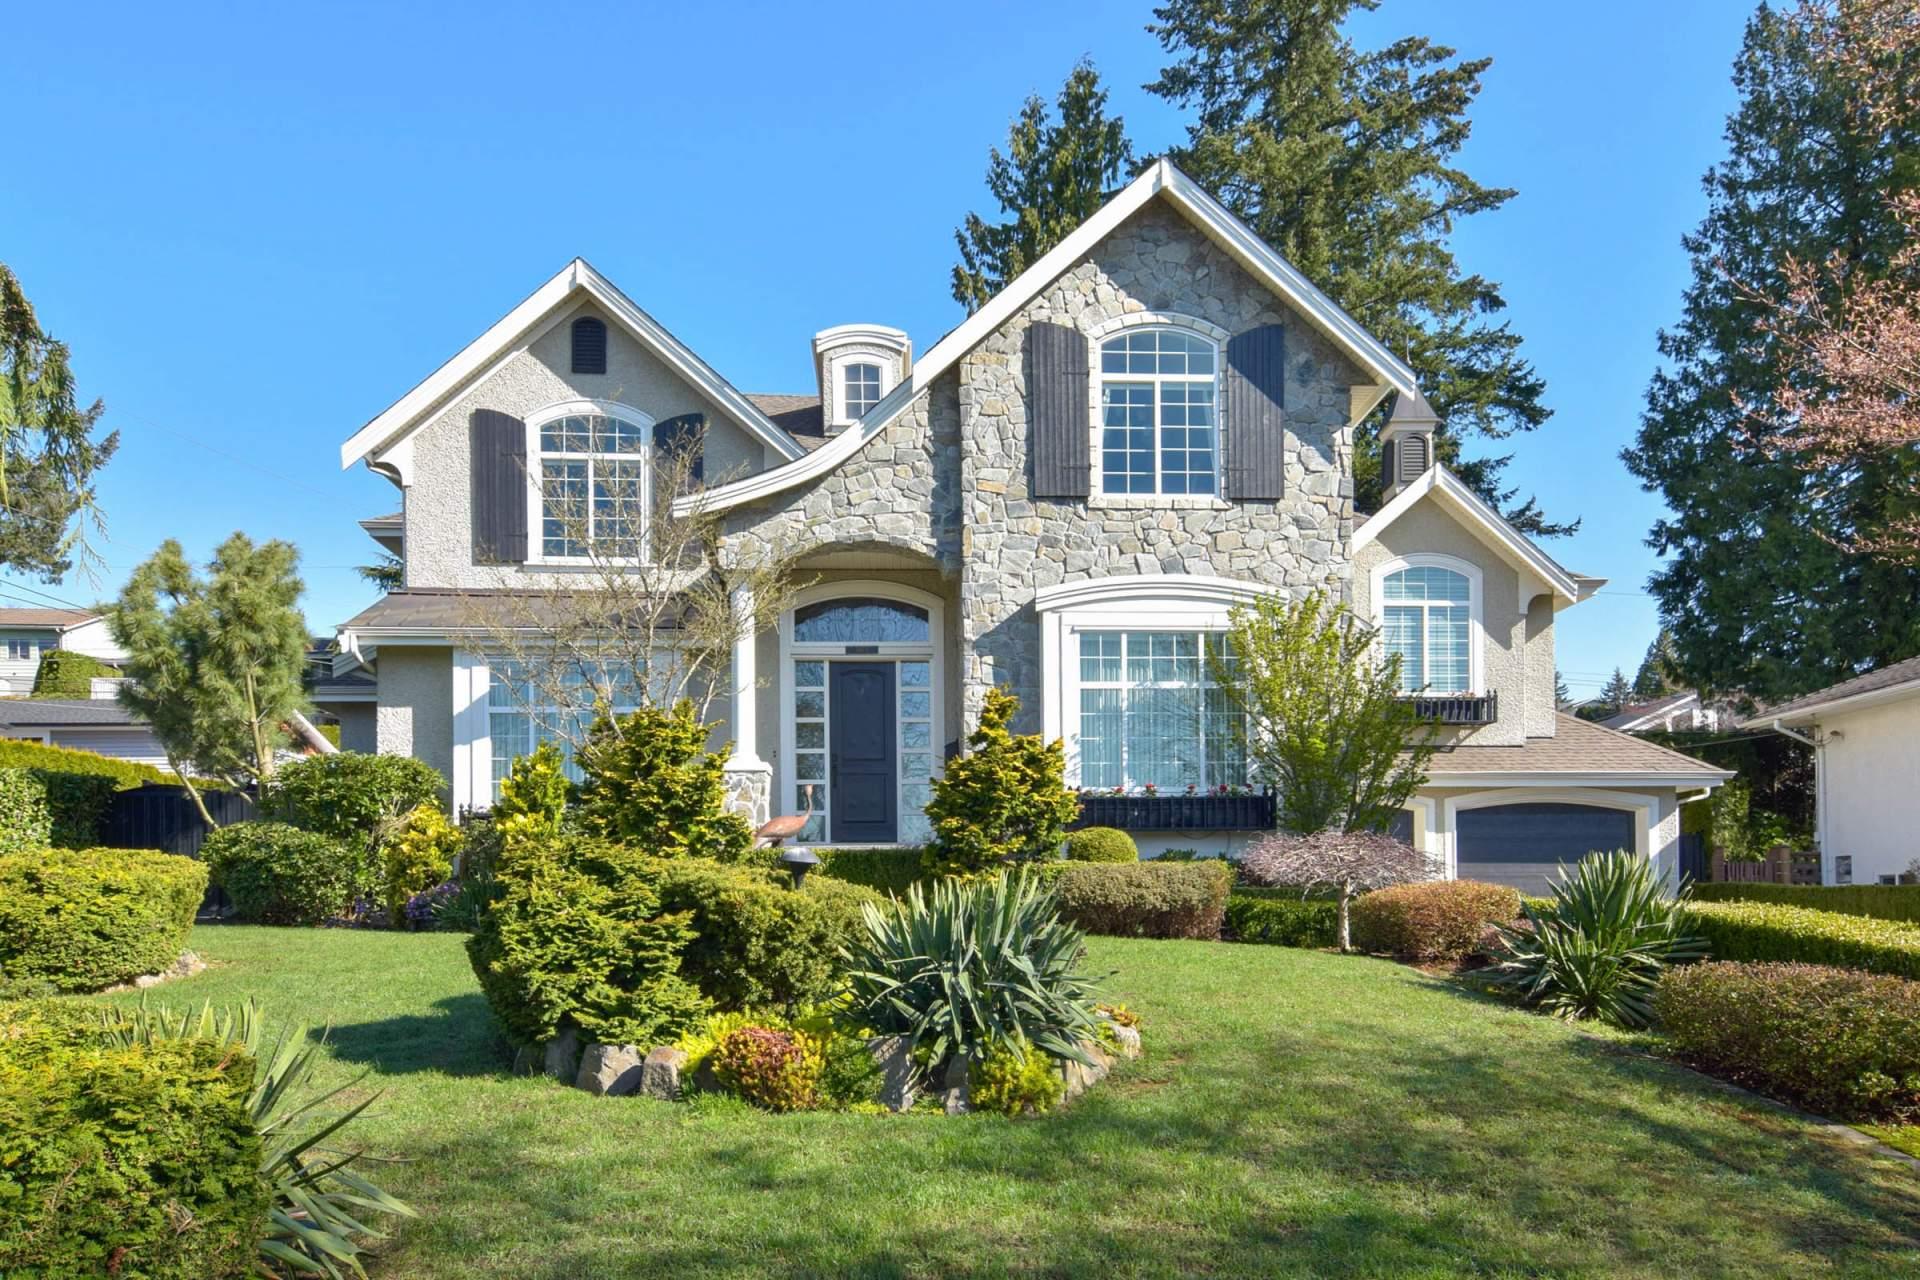 House for Sale 5473 Eglinton